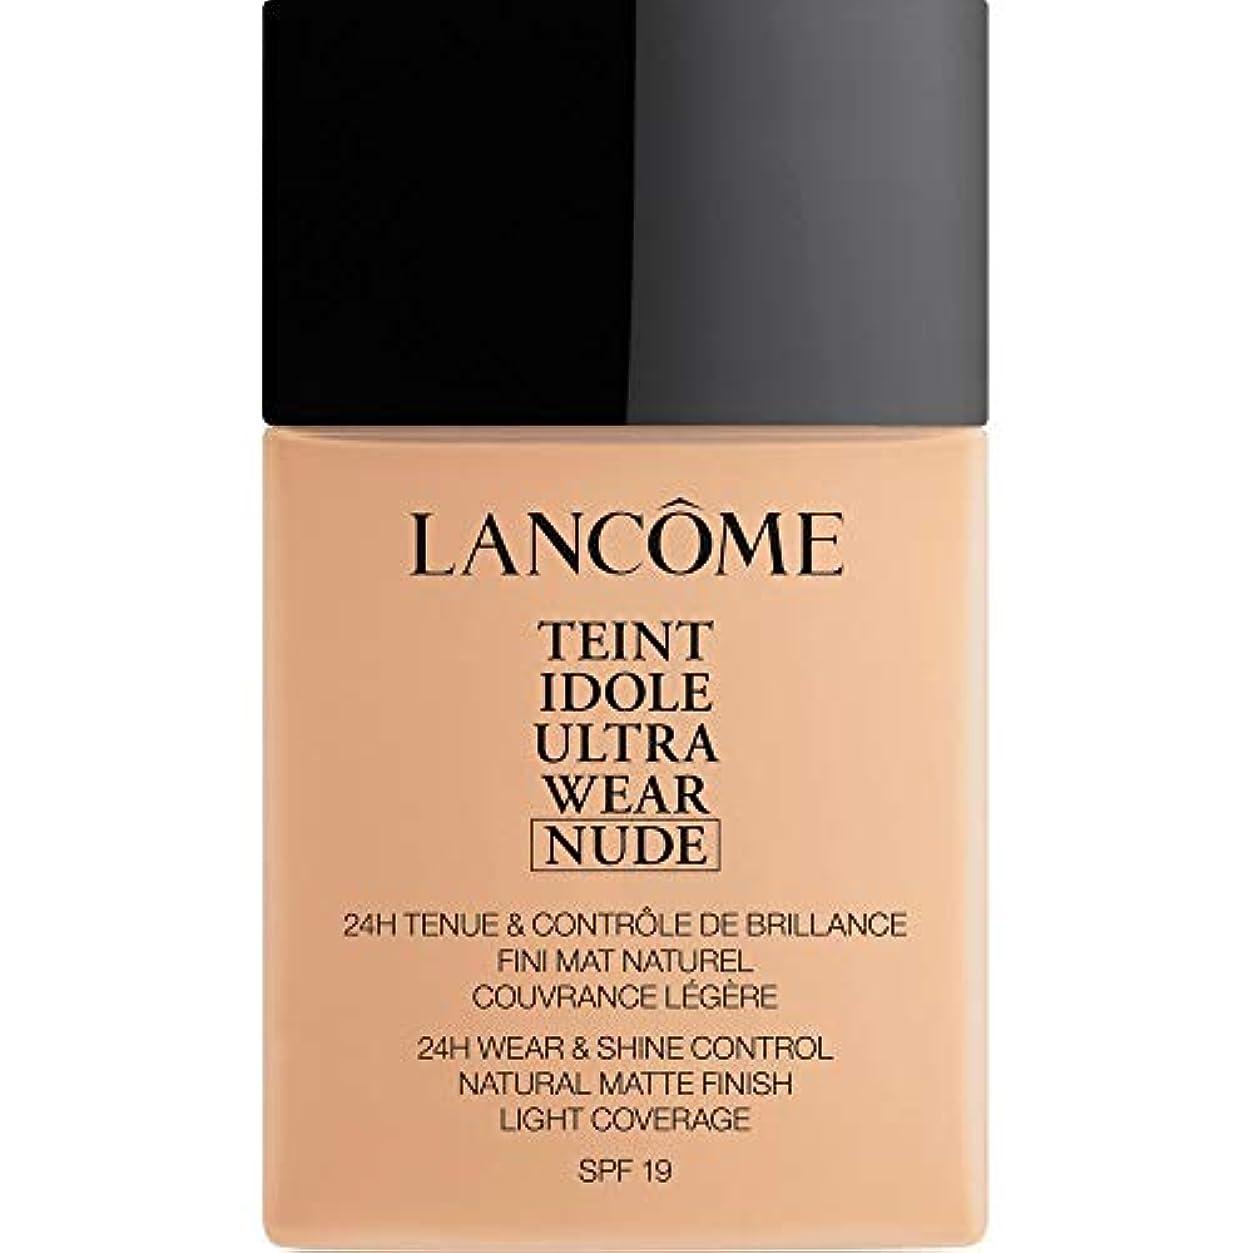 ツール素子のり[Lanc?me ] ランコムTeintのIdole超摩耗ヌード財団Spf19の40ミリリットル021 - ベージュジャスミン - Lancome Teint Idole Ultra Wear Nude Foundation...